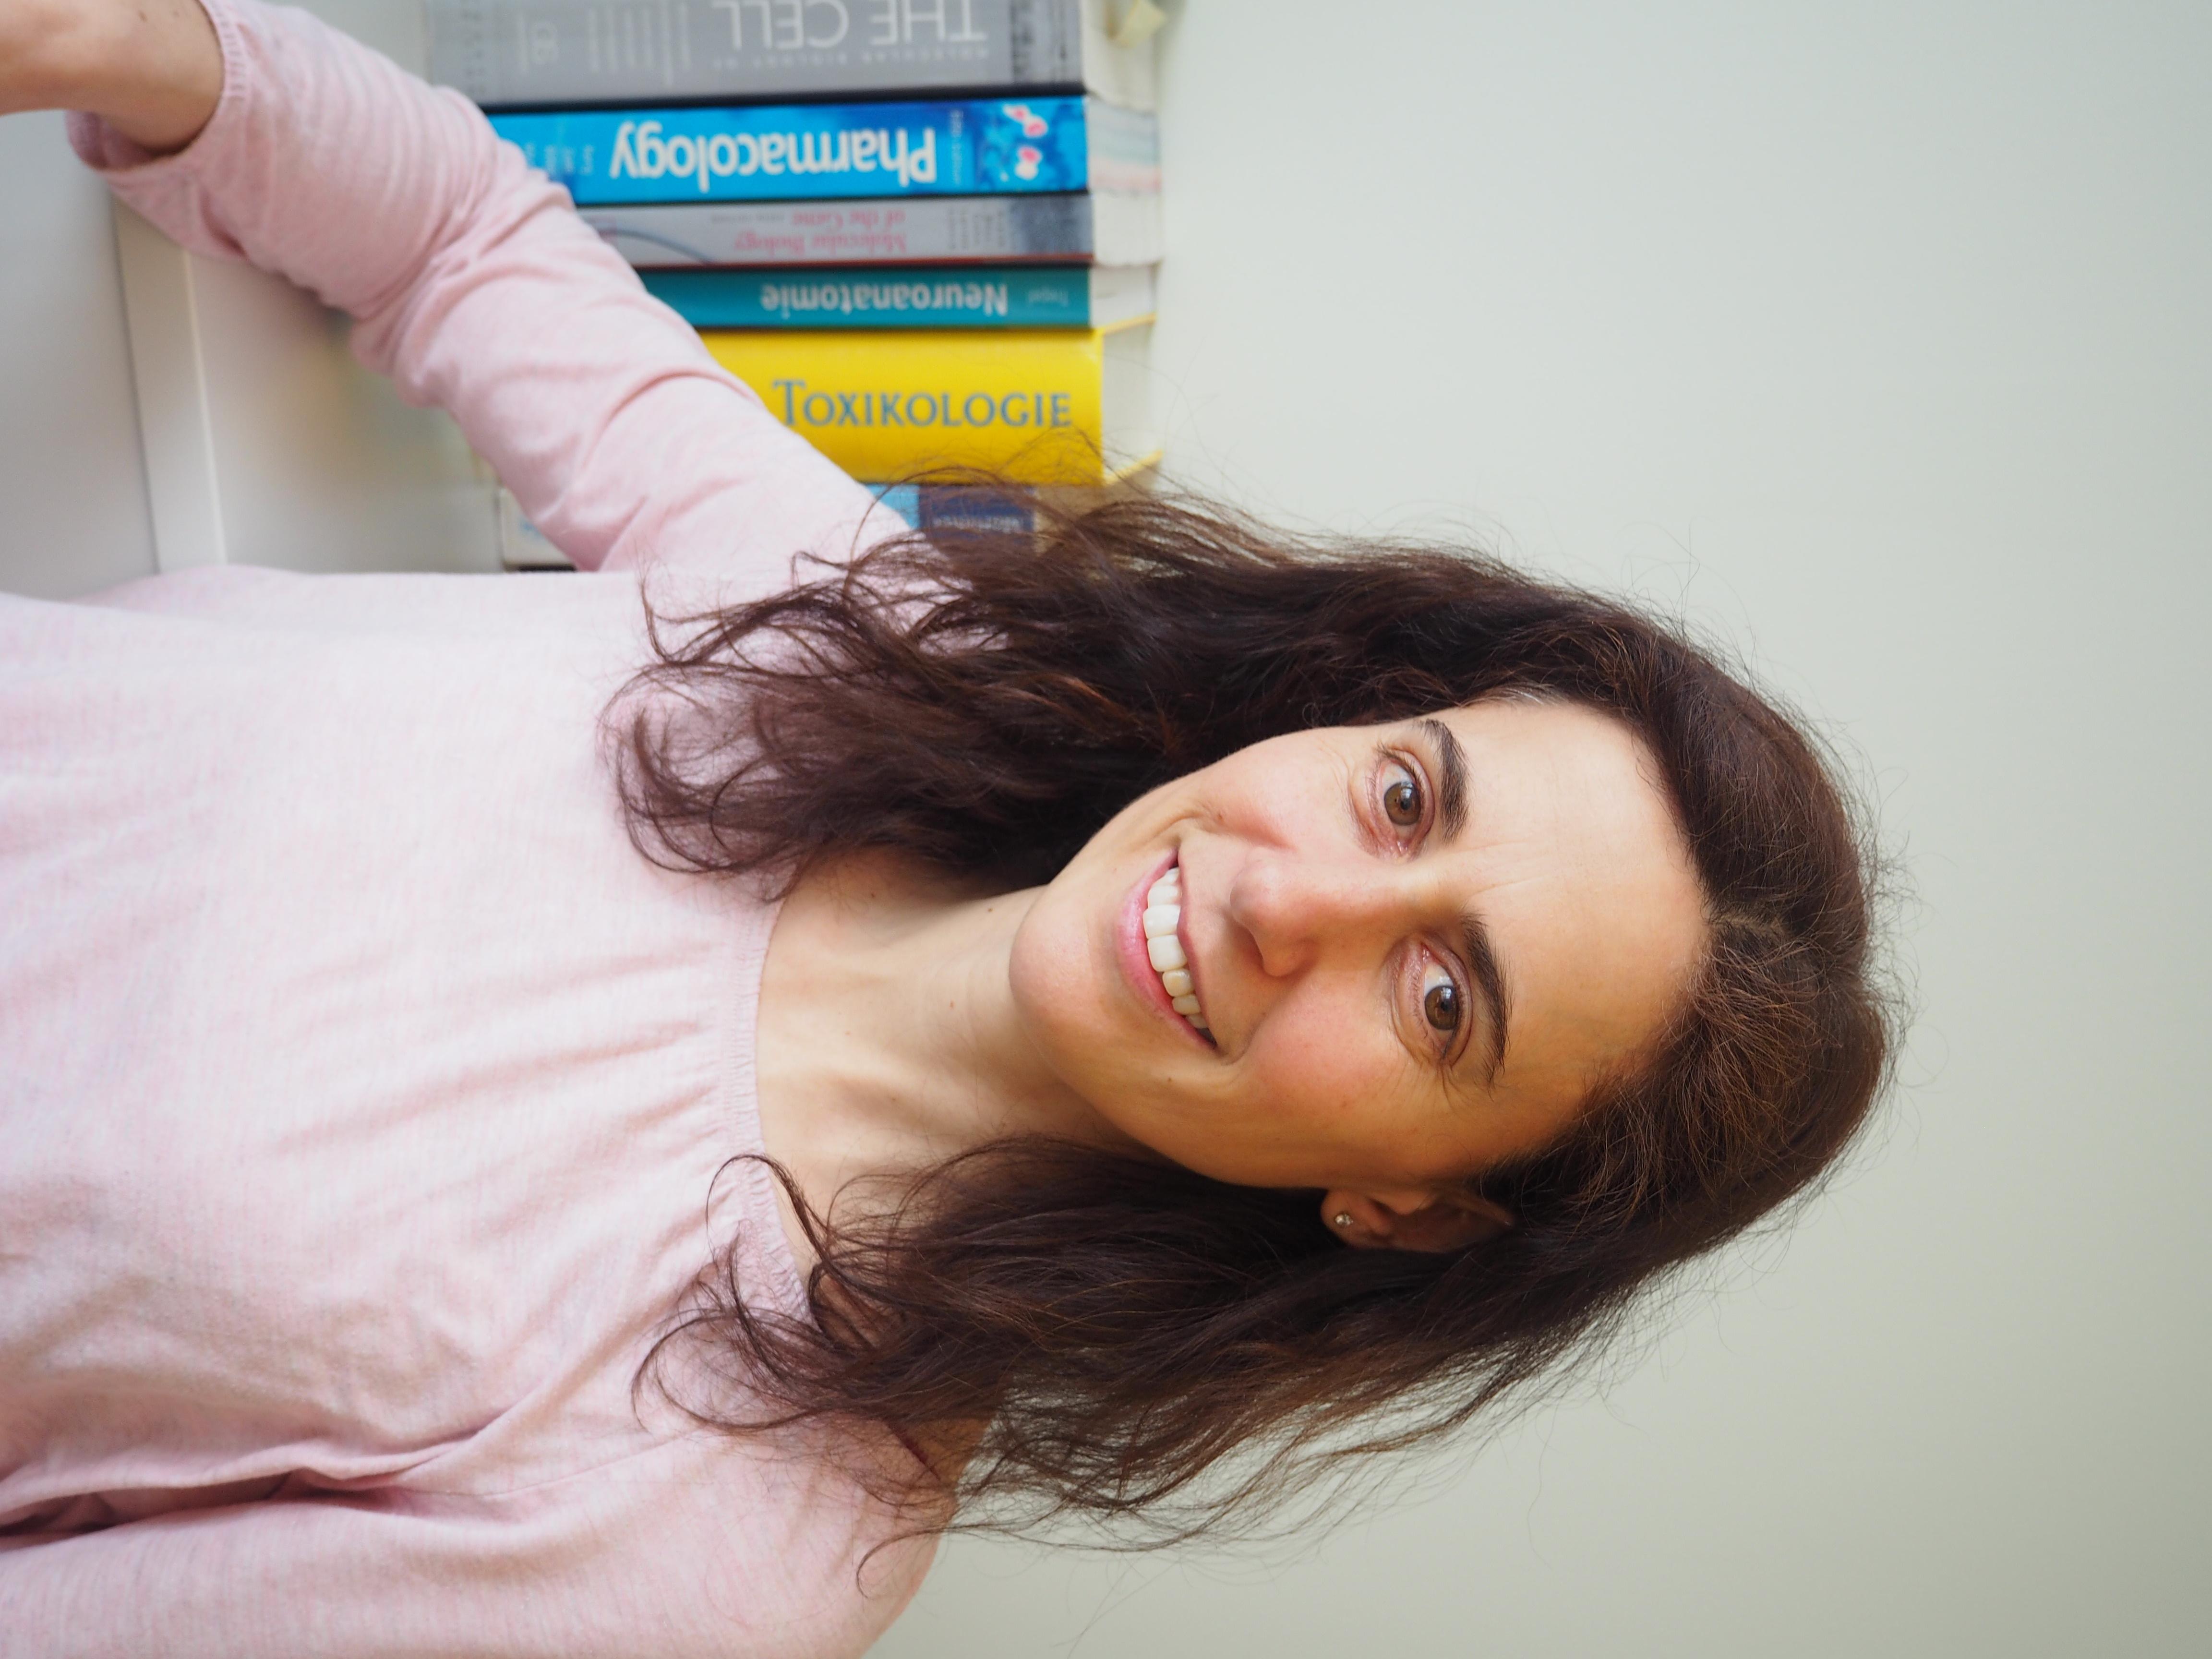 Assoc. Professor Katrin Watschinger